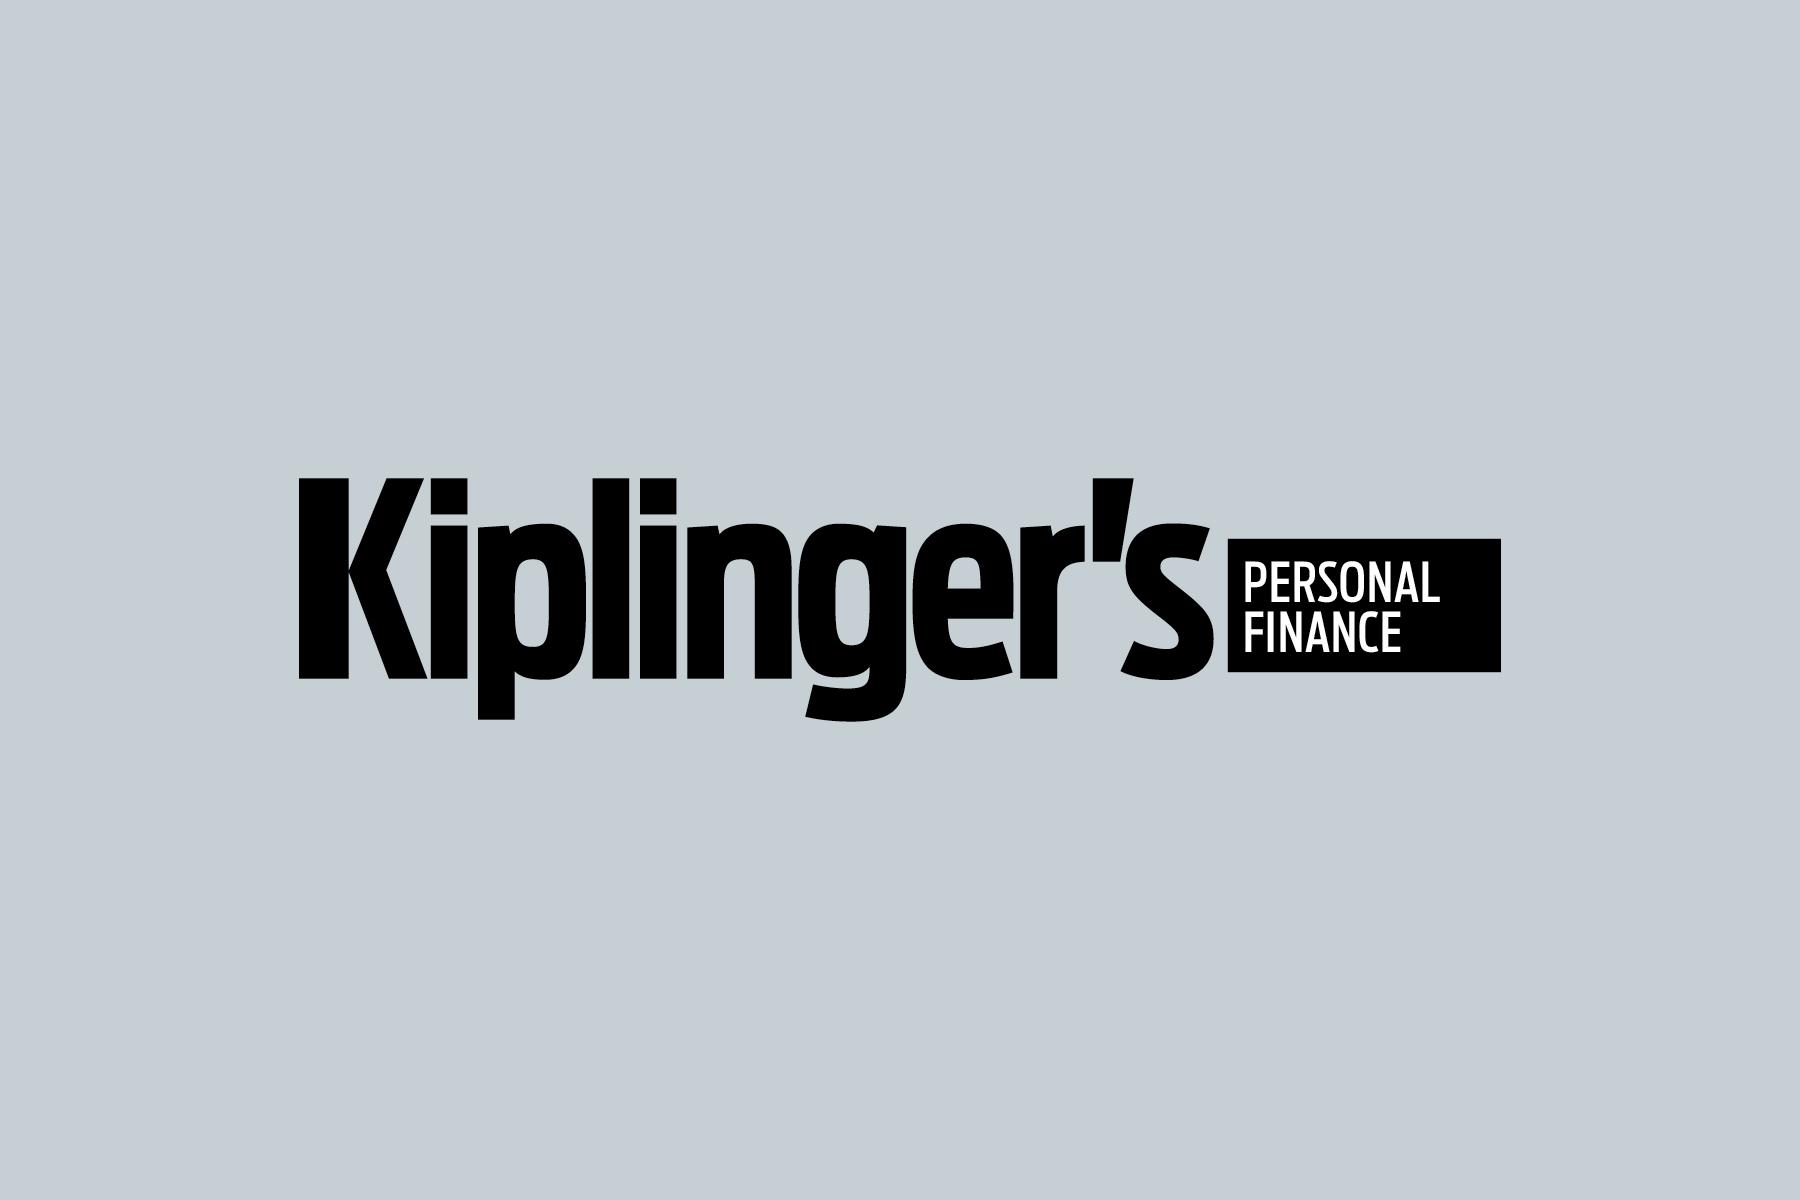 kips-thumb.jpg